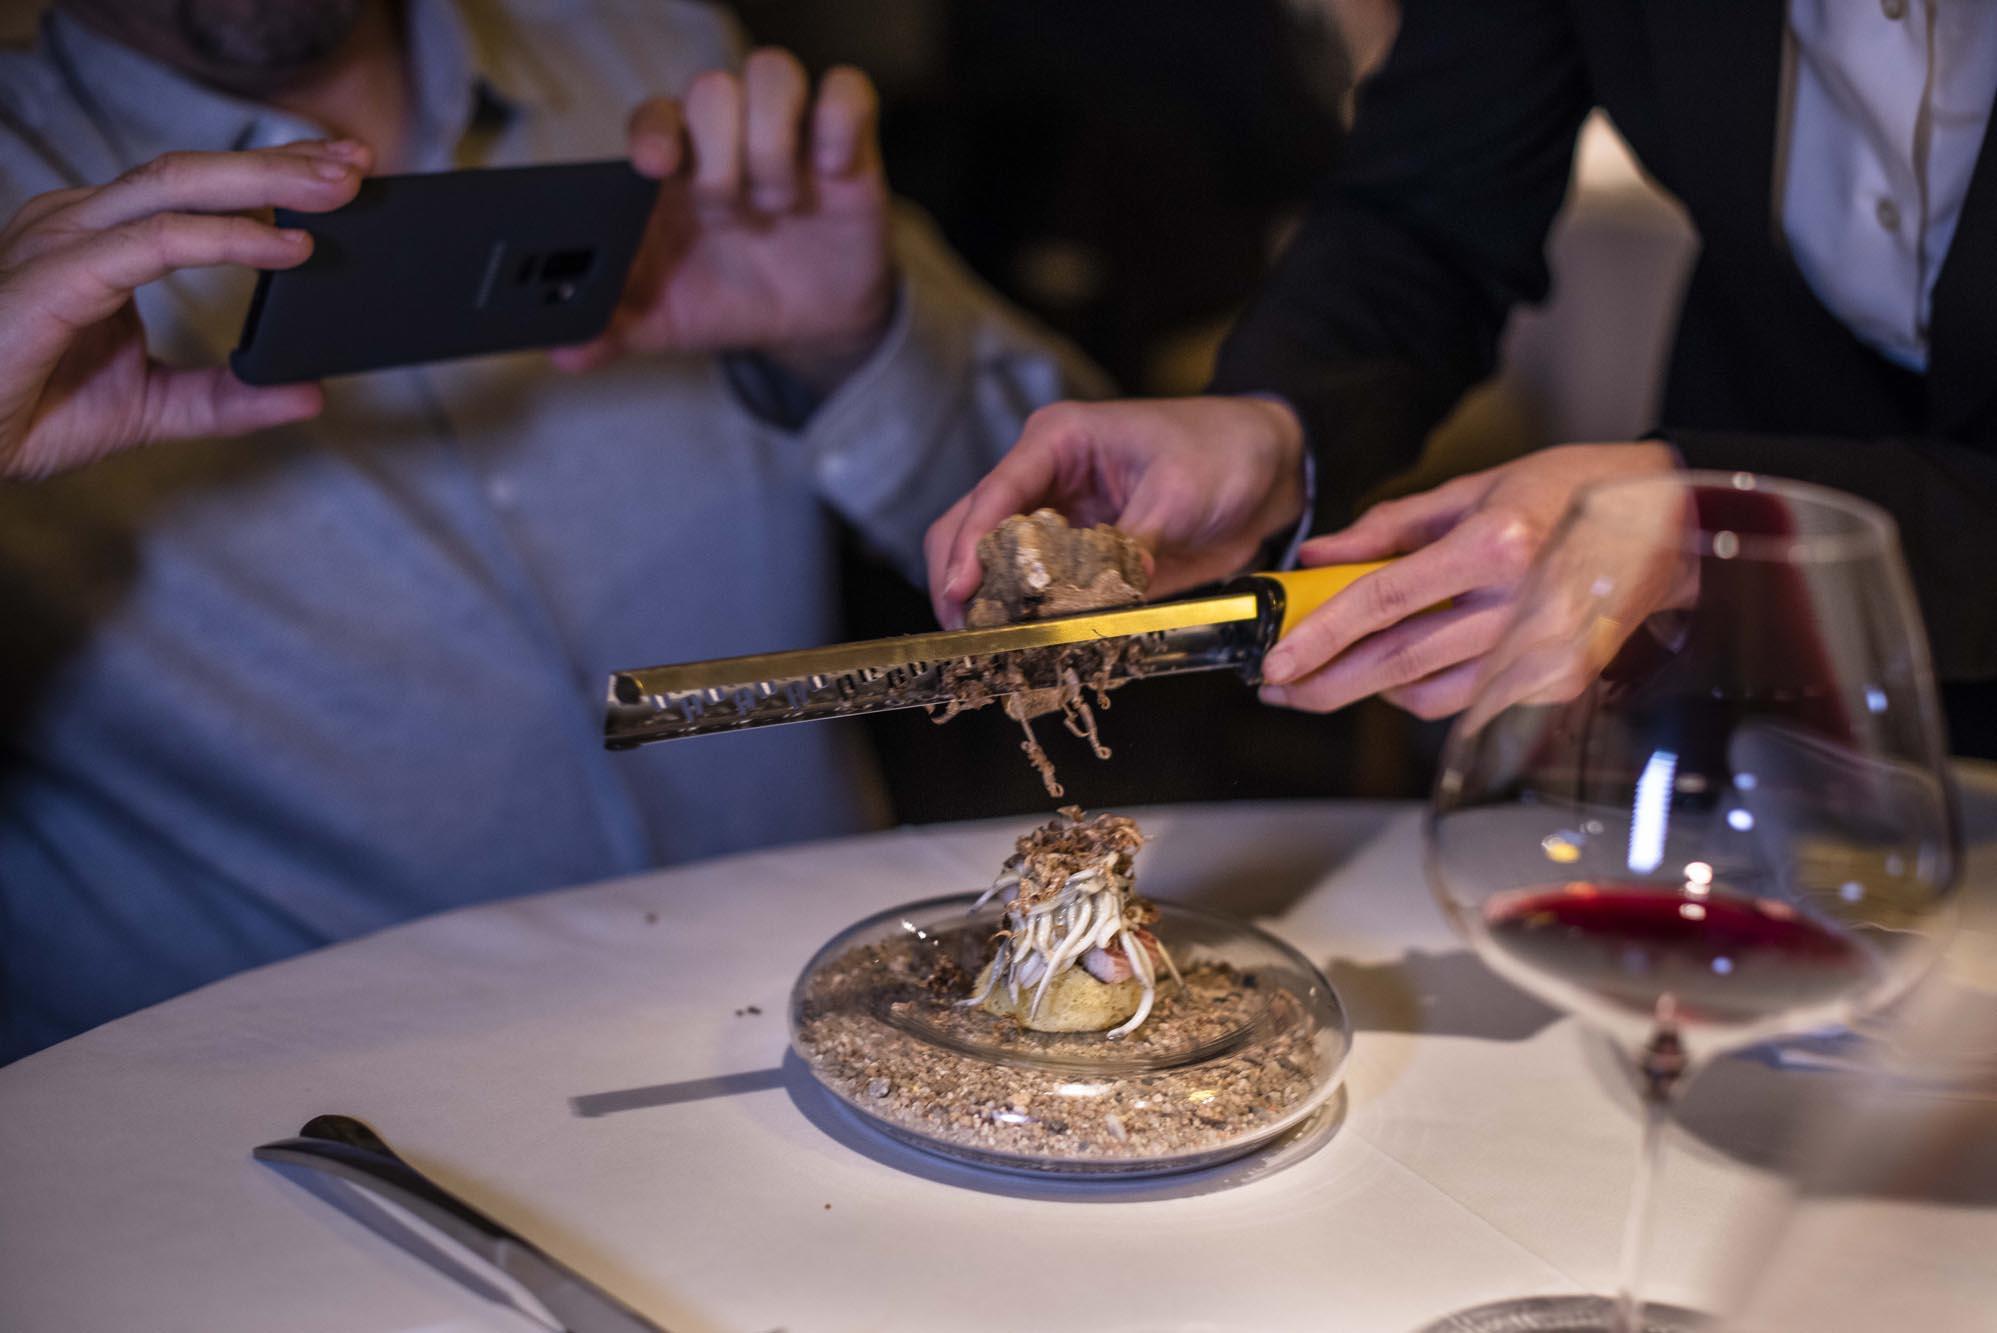 Bizcocho con angulas al natural, pilpil de merluza y anguila ahumada con base de ajo asado y trufa blanca.